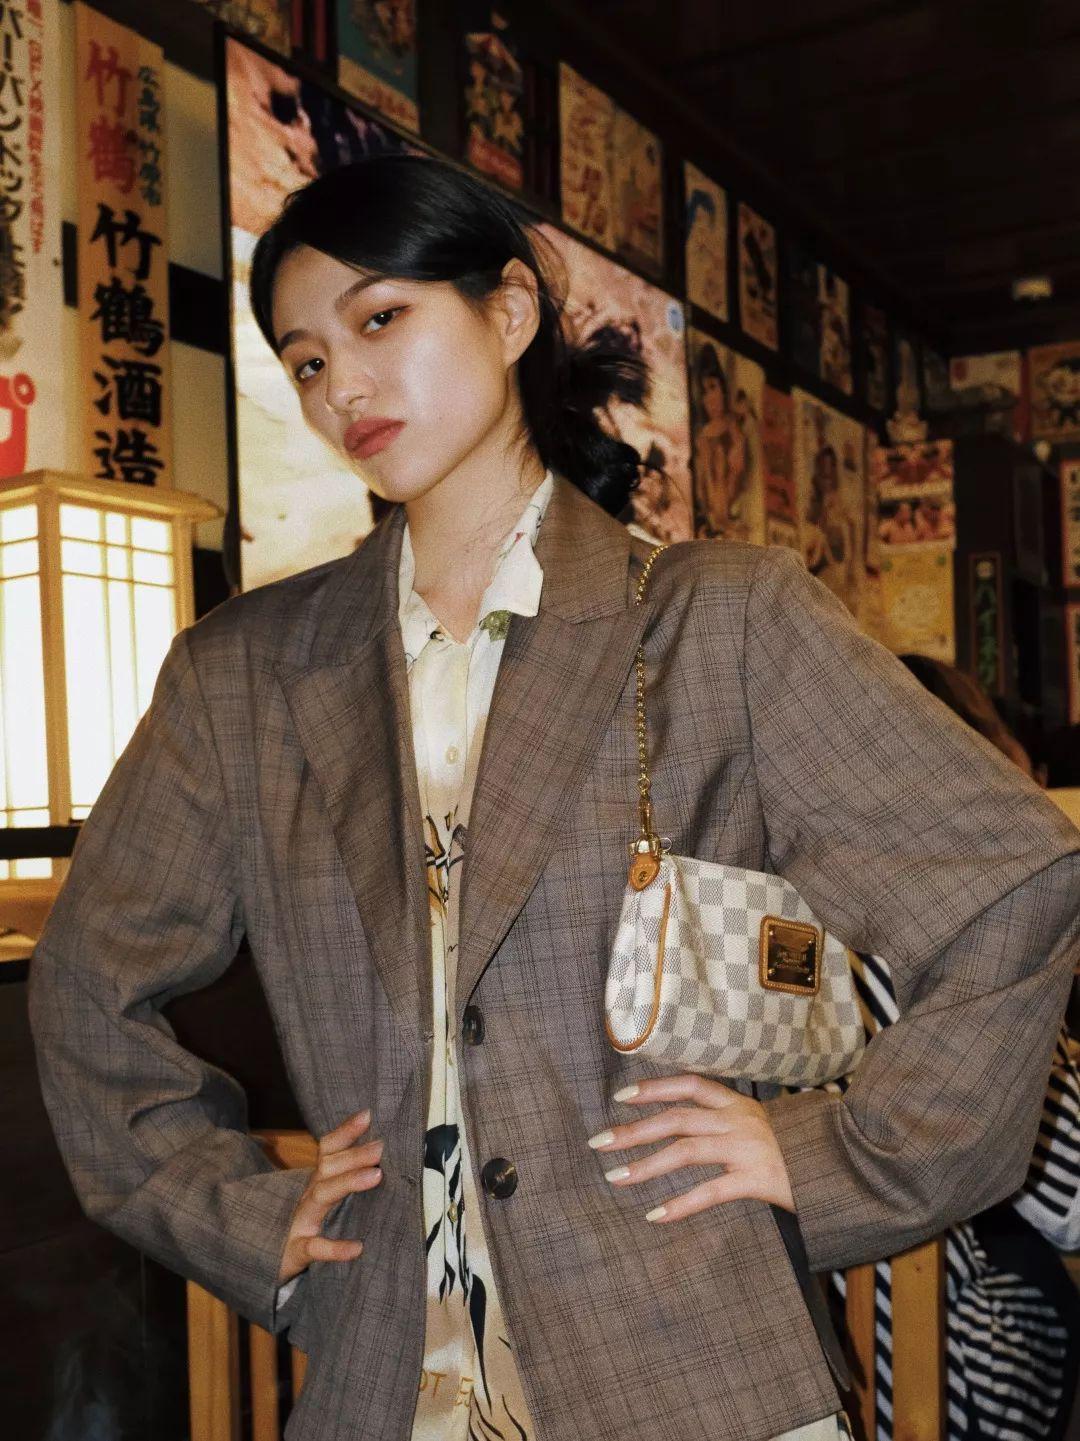 美人探店|活在90年代的香港电影的